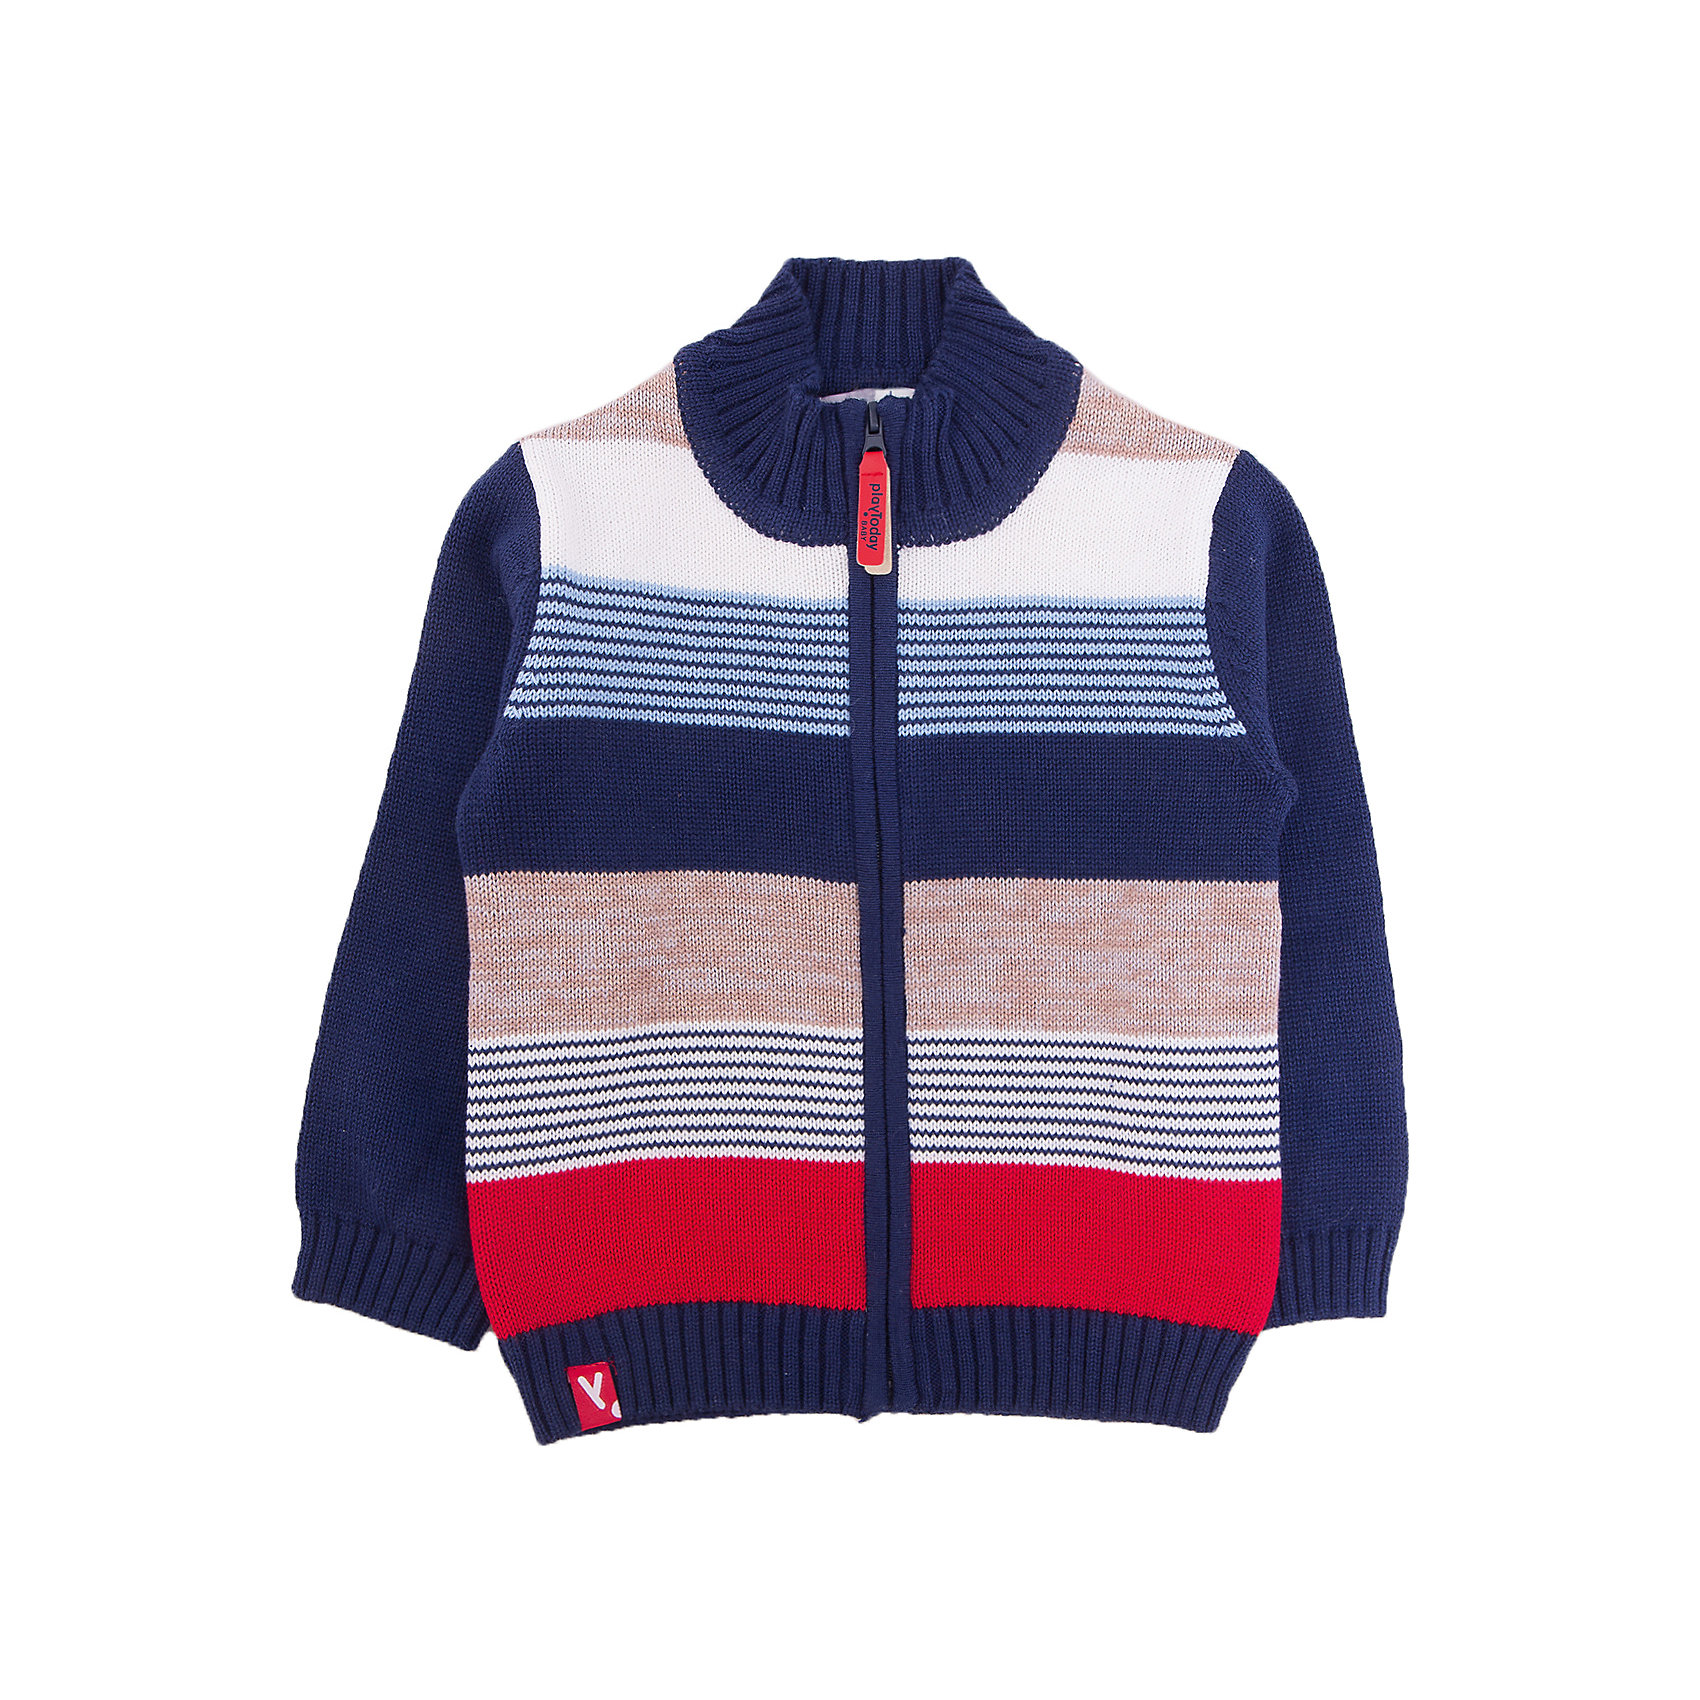 Кардиган для мальчика PlayTodayТолстовки, свитера, кардиганы<br>Характеристики товара:<br><br>• цвет: синий<br>• состав: 60% хлопок, 40% акрил<br>• изготовлен методом yarn dyed, долго выглядит как новый<br>• молния<br>• эластичные манжеты<br>• резинка по низу<br>• страна бренда: Германия<br>• страна производства: Китай<br><br>Кардиган для мальчика PlayToday. Материал изделия изготовлен методом yarn dyed - в процессе производства в полотне используются разного цвета нити. Тем самым изделие, при рекомендуемом уходе, не линяет и надолго остается в прежнем виде, это определенный знак качества. Кофта на молнии. Мягкие резинки на манжетах и по низу изделия позволяют ему держать форму.<br><br>Кардиган для мальчика от известного бренда PlayToday можно купить в нашем интернет-магазине.<br><br>Ширина мм: 190<br>Глубина мм: 74<br>Высота мм: 229<br>Вес г: 236<br>Цвет: разноцветный<br>Возраст от месяцев: 6<br>Возраст до месяцев: 9<br>Пол: Мужской<br>Возраст: Детский<br>Размер: 74,92,80,86<br>SKU: 5407705